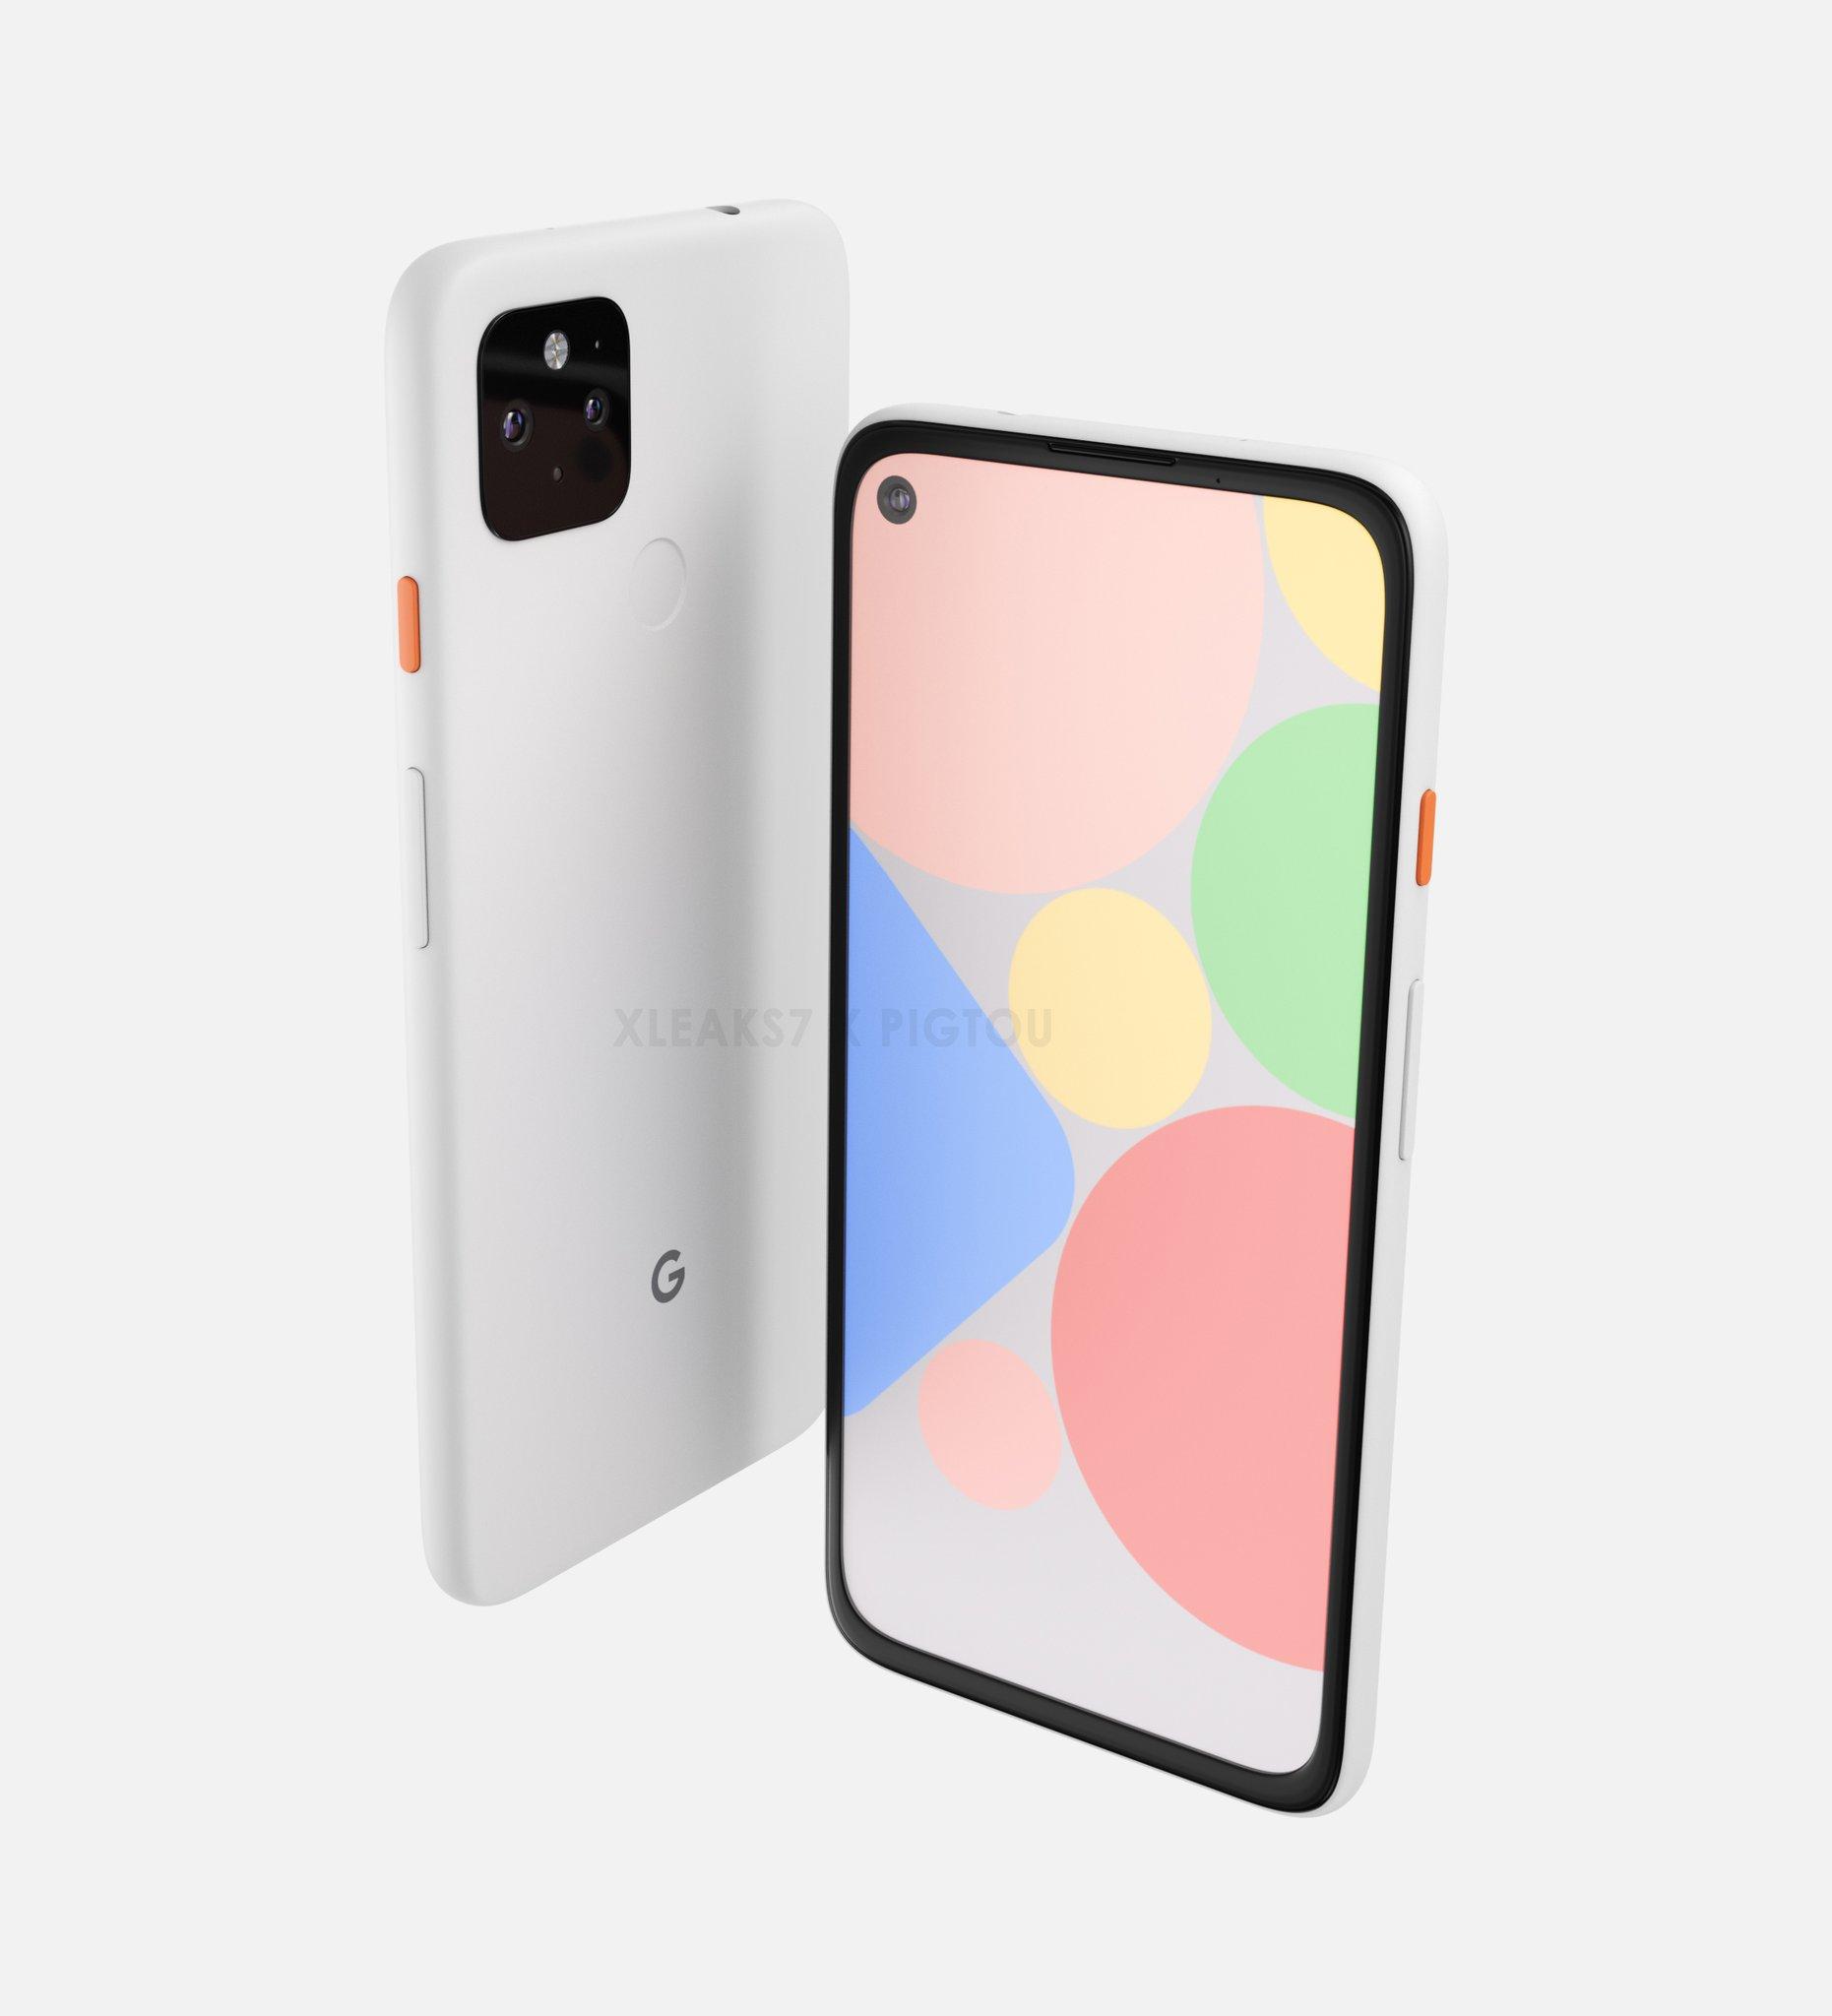 Patrzycie właśnie na anulowanego Piksela 4a XL od Google 19